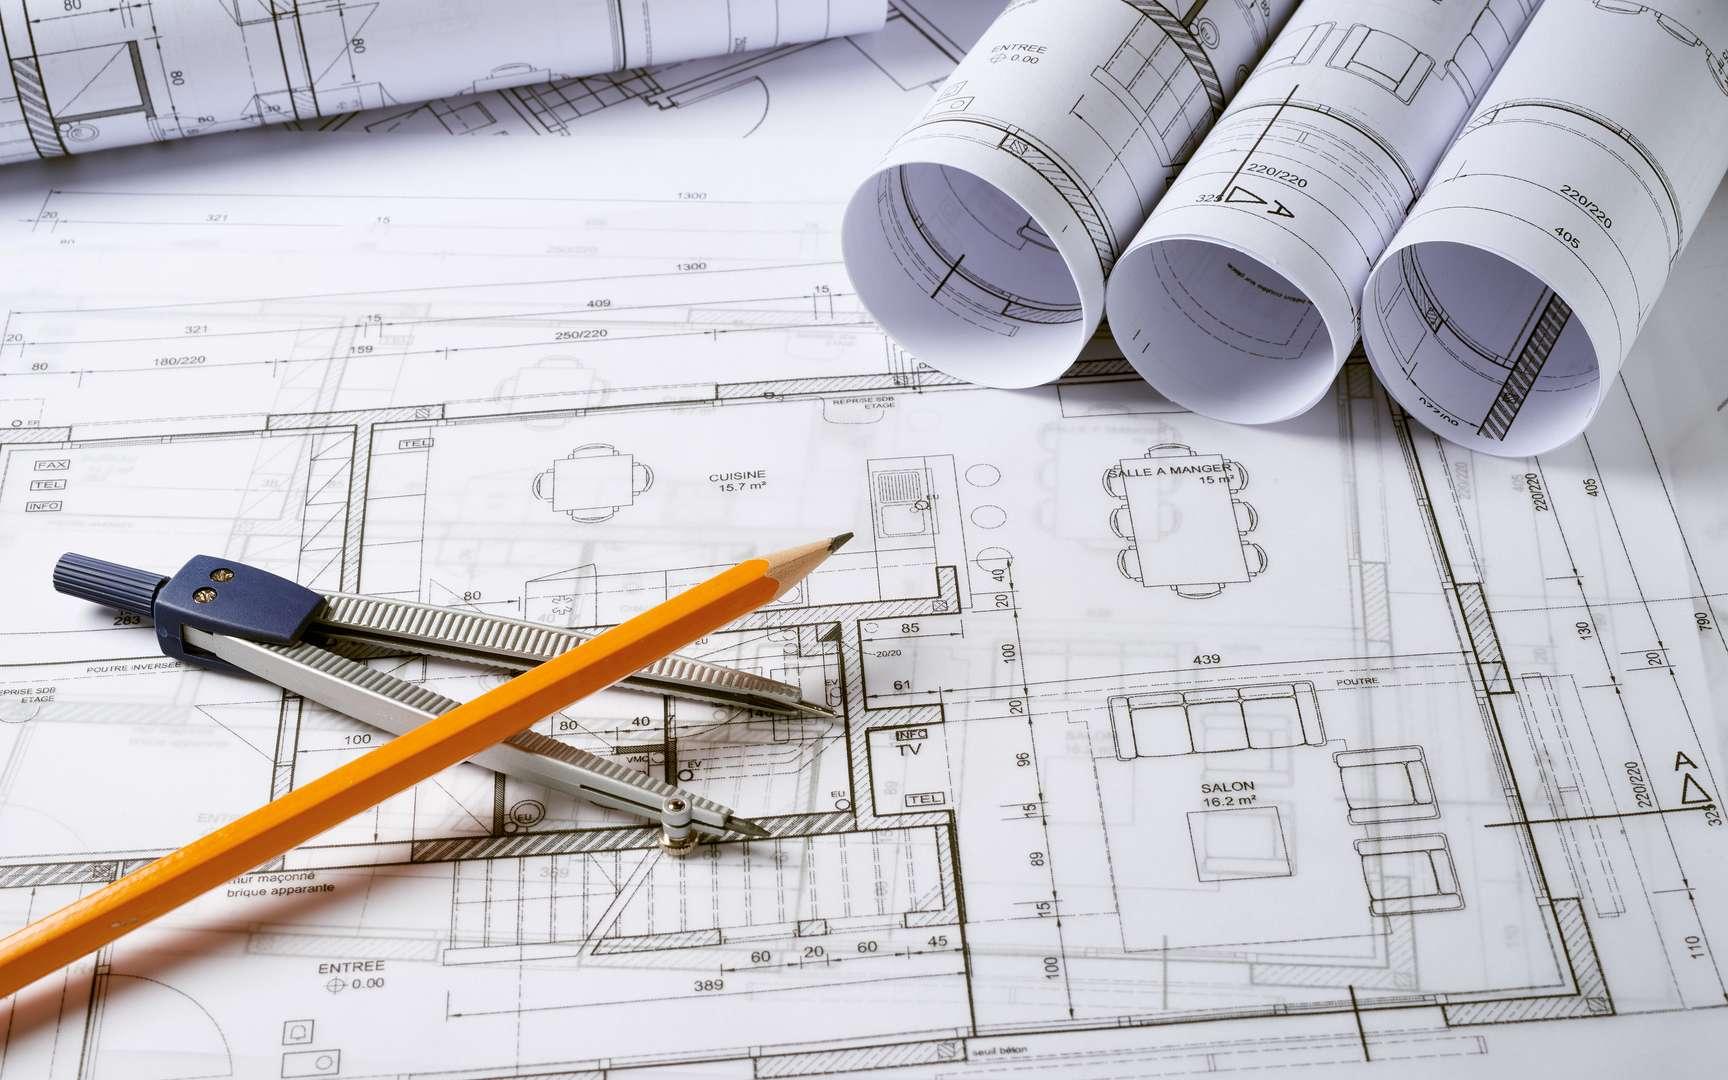 Le plan de masse est une représentation graphique à présenter lors d'une demande de permis de construire. © MFR Maison Familiale Rurale